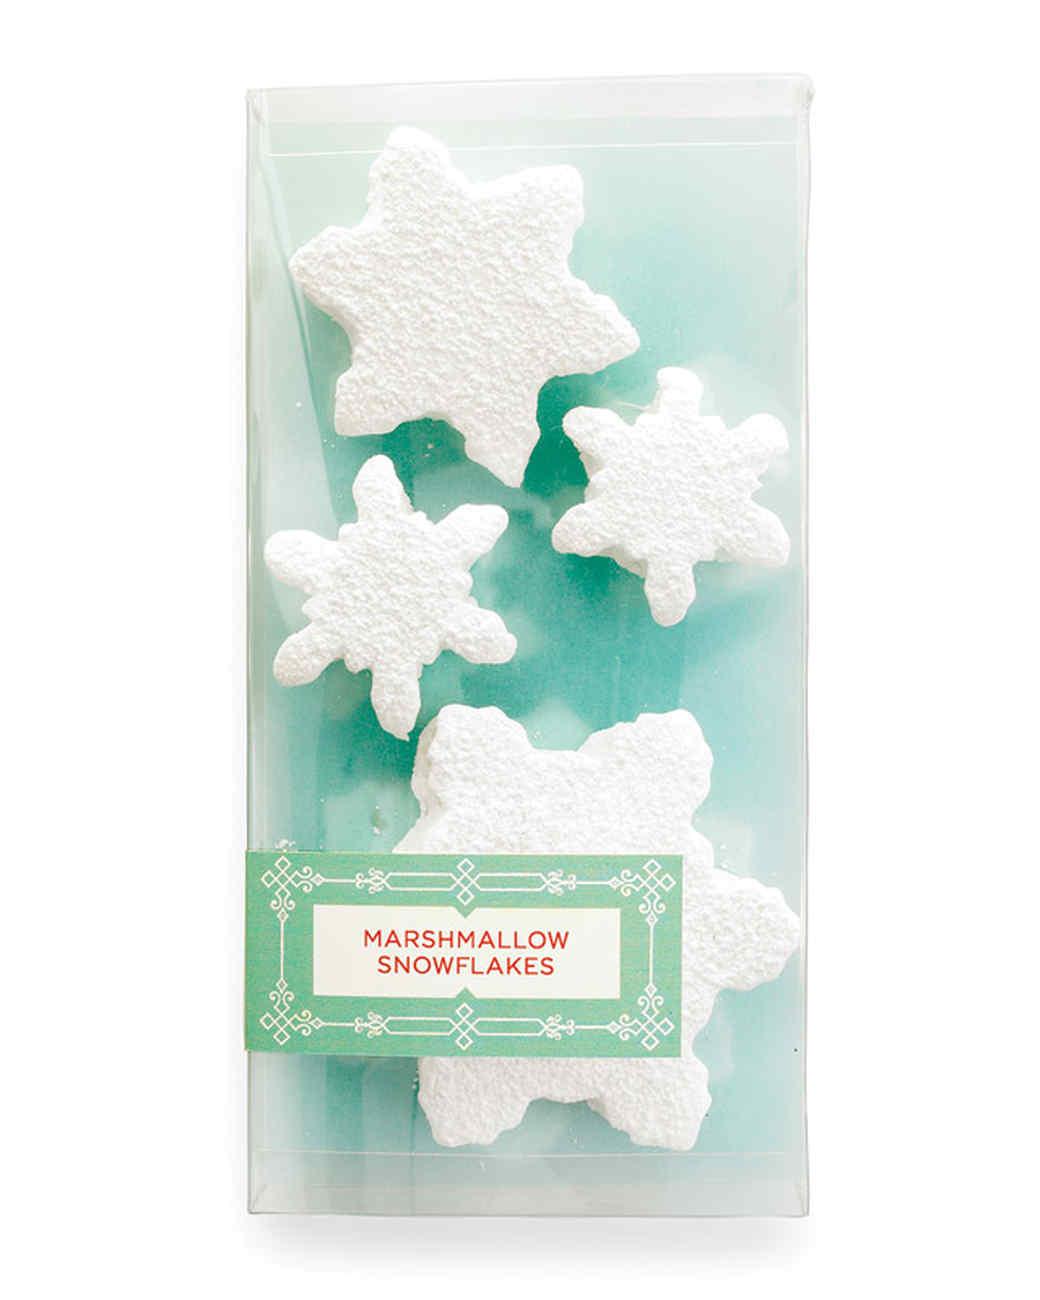 Marshmallow Snowflakes Gift